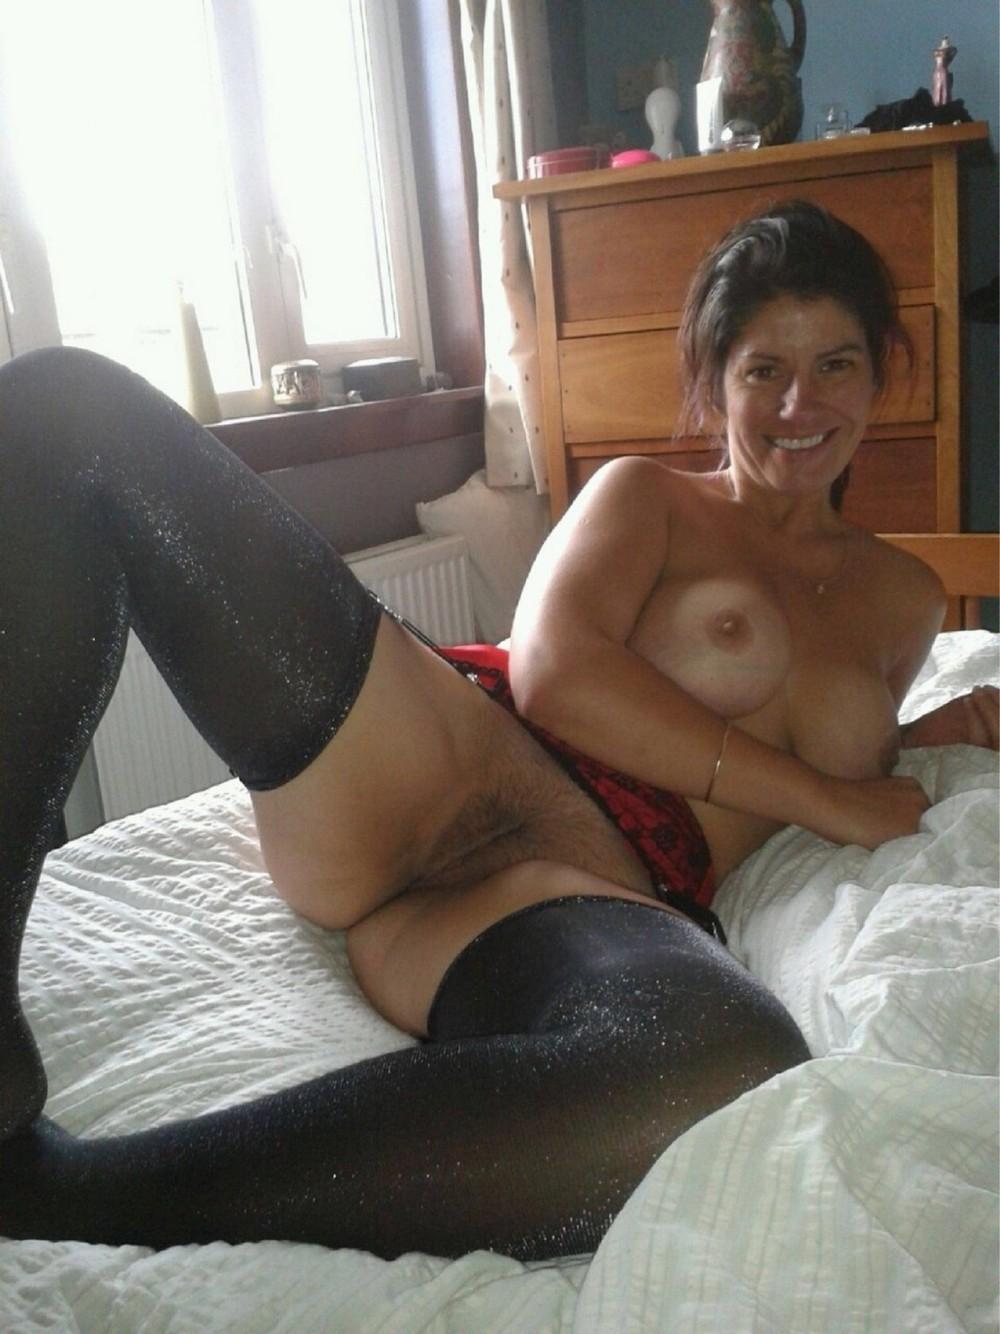 Tumblr mature women wearing black stockings